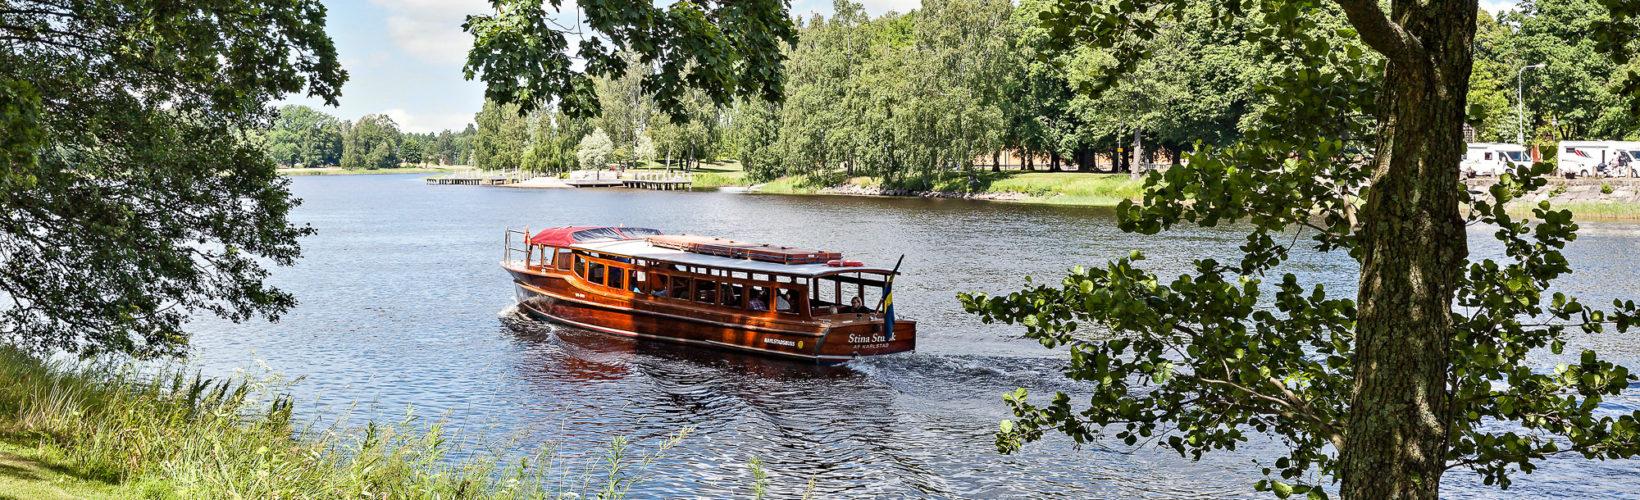 Åk båtbuss